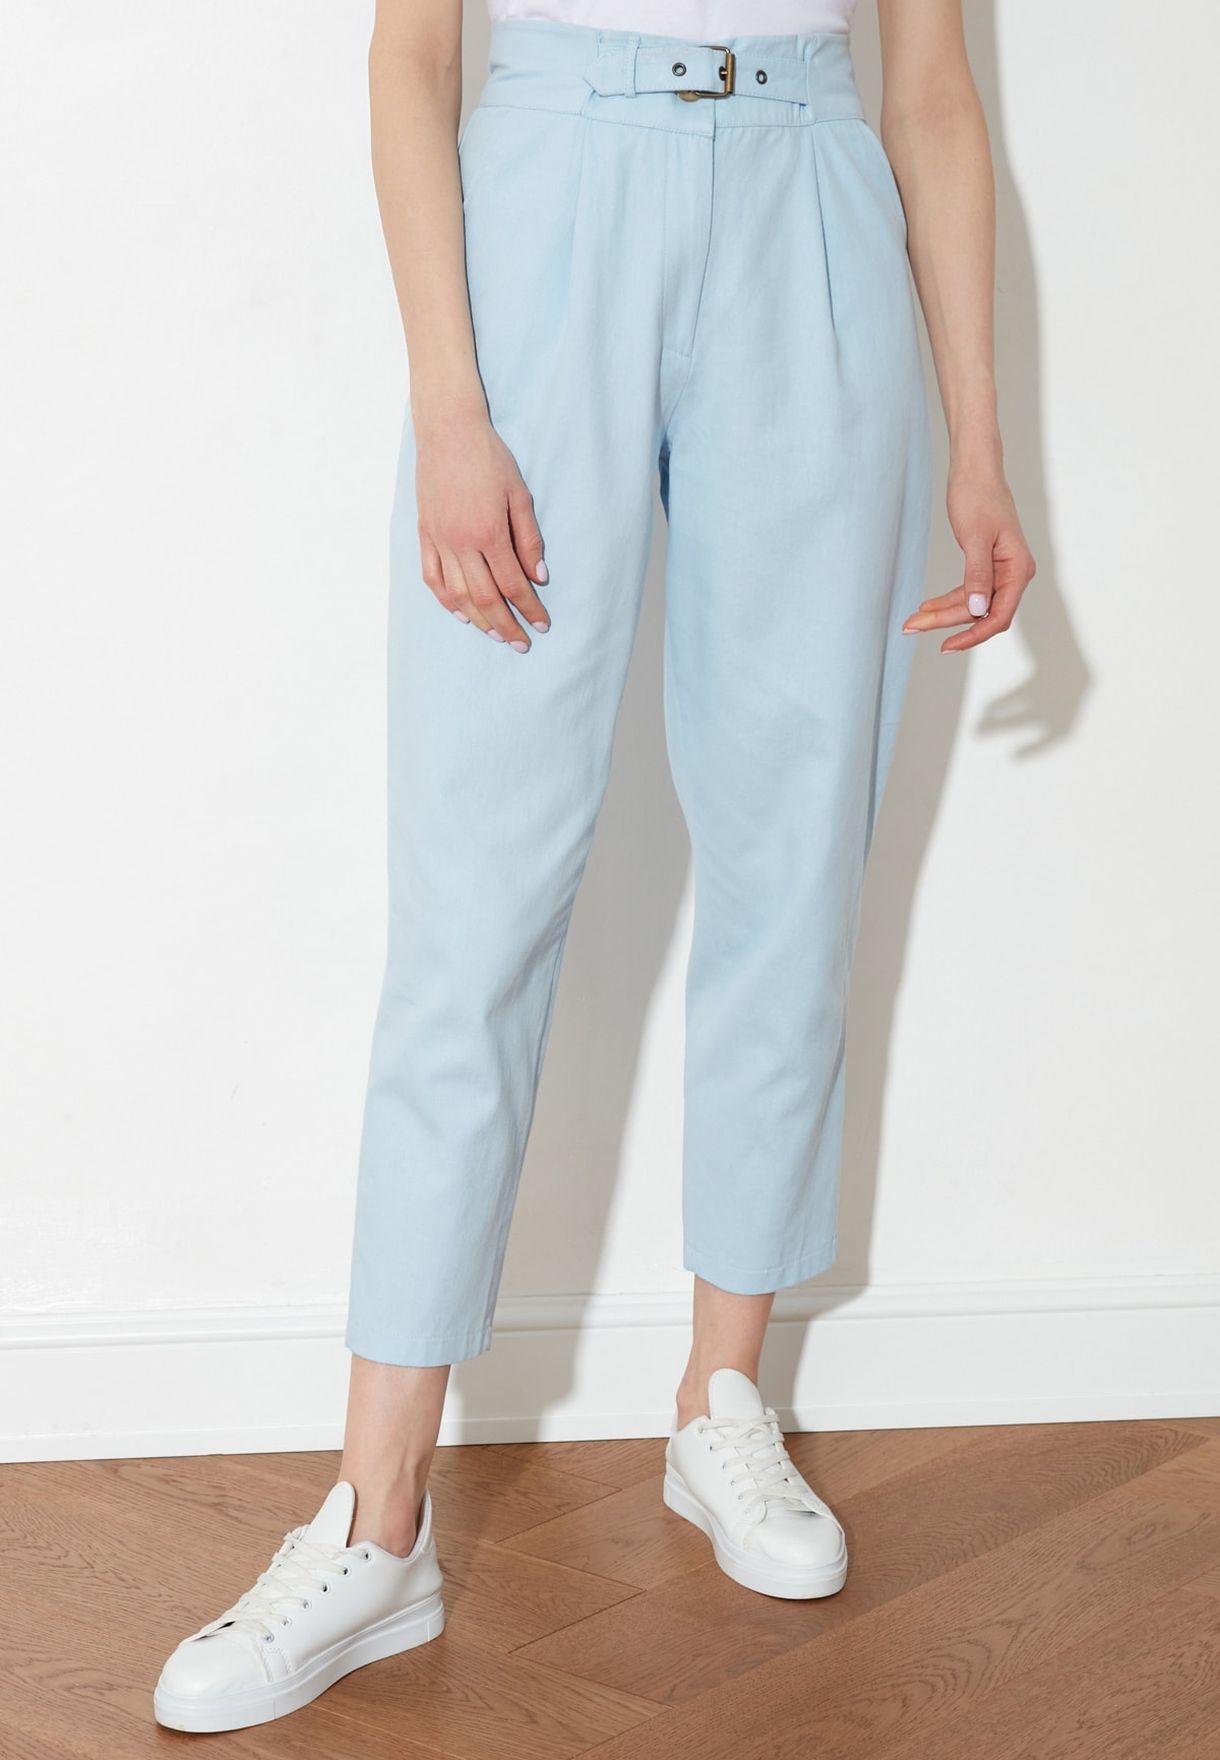 High Waist Knitted Pants